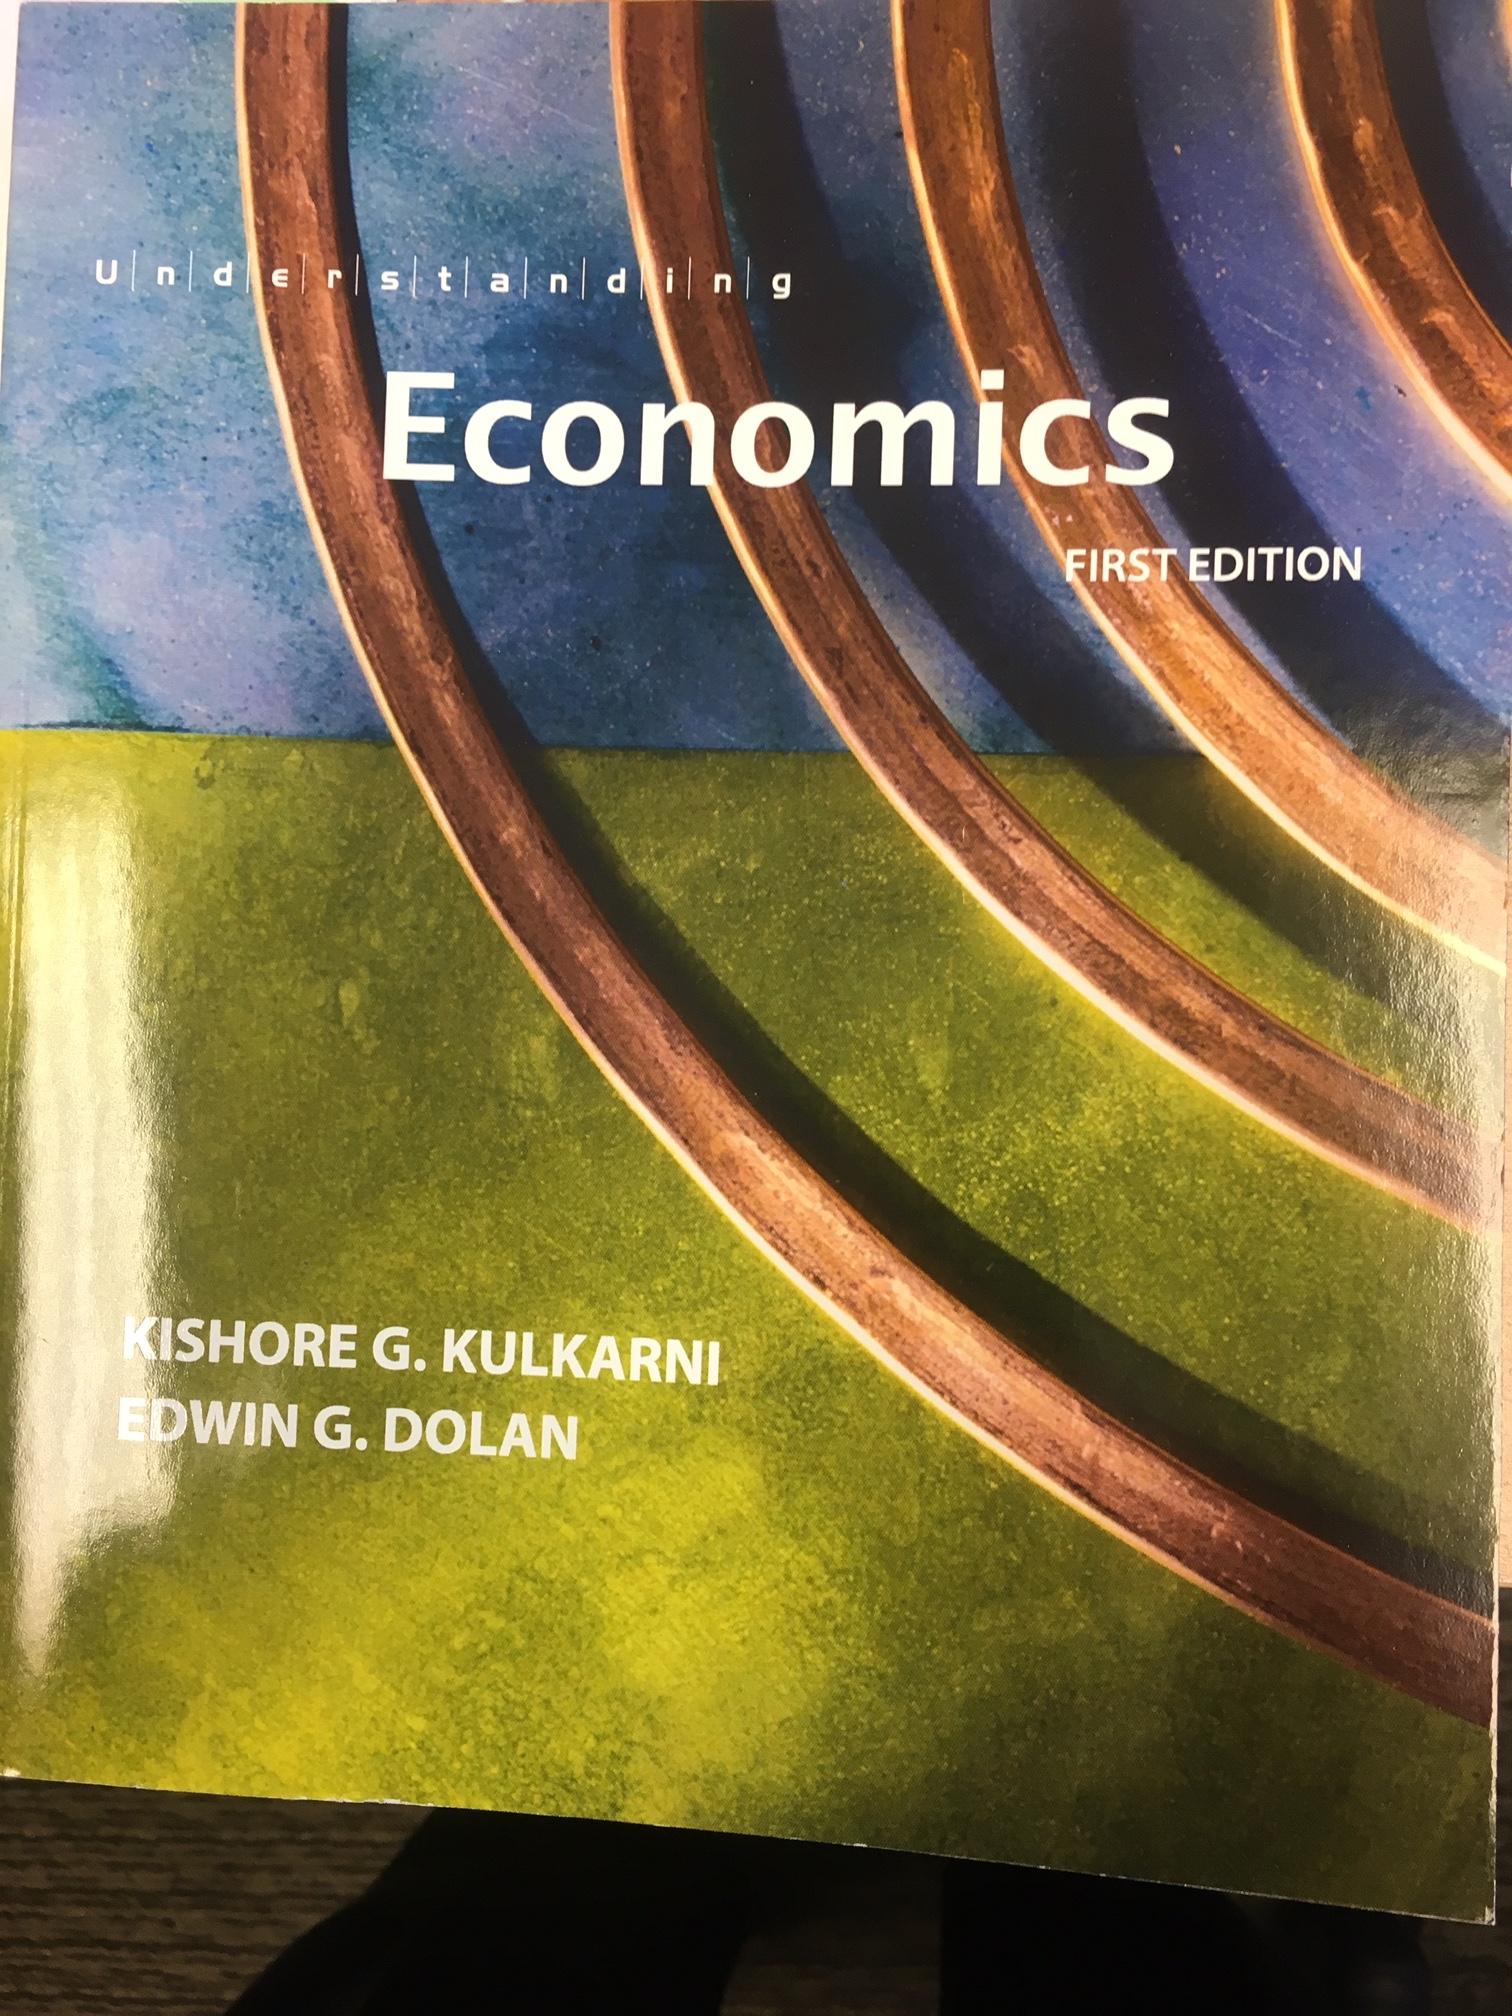 Understanding Economics, 1st Ed.JPG